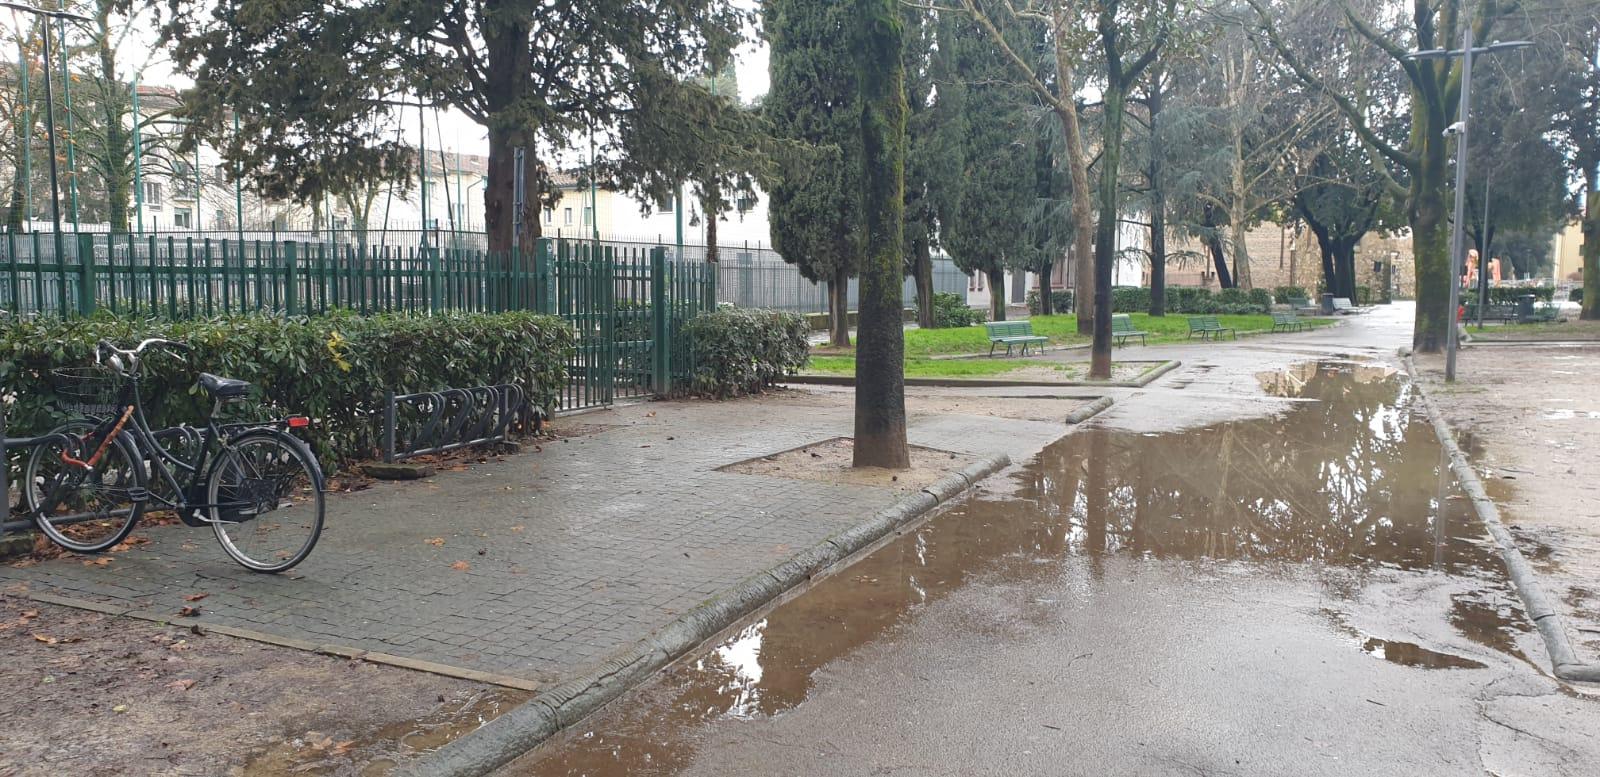 viale dei bambini alagamenti pioggia (7)